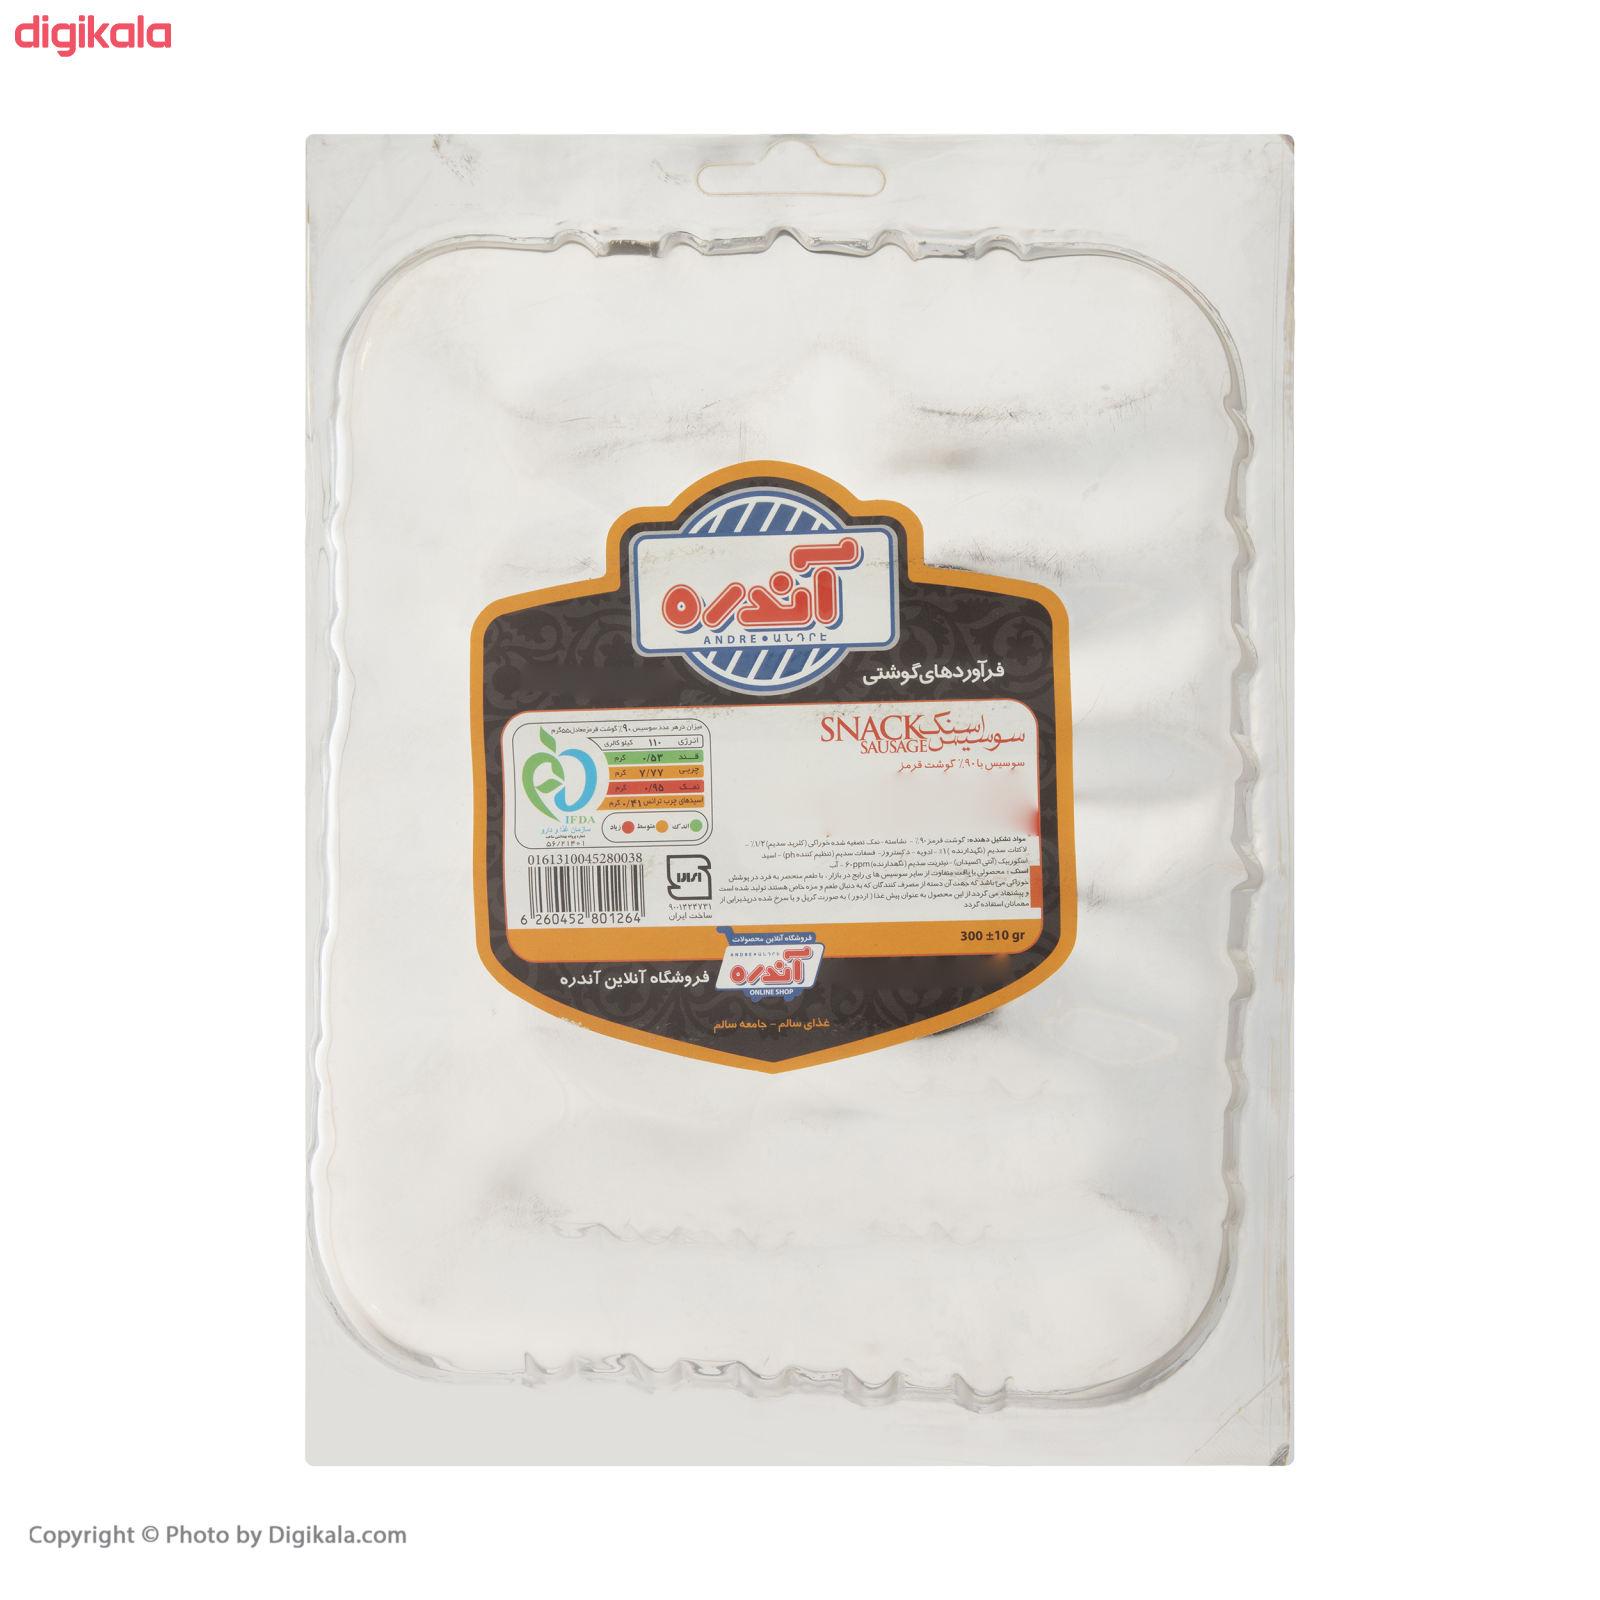 سوسیس اسنک 90 درصد گوشت قرمز آندره - 300 گرم  main 1 2